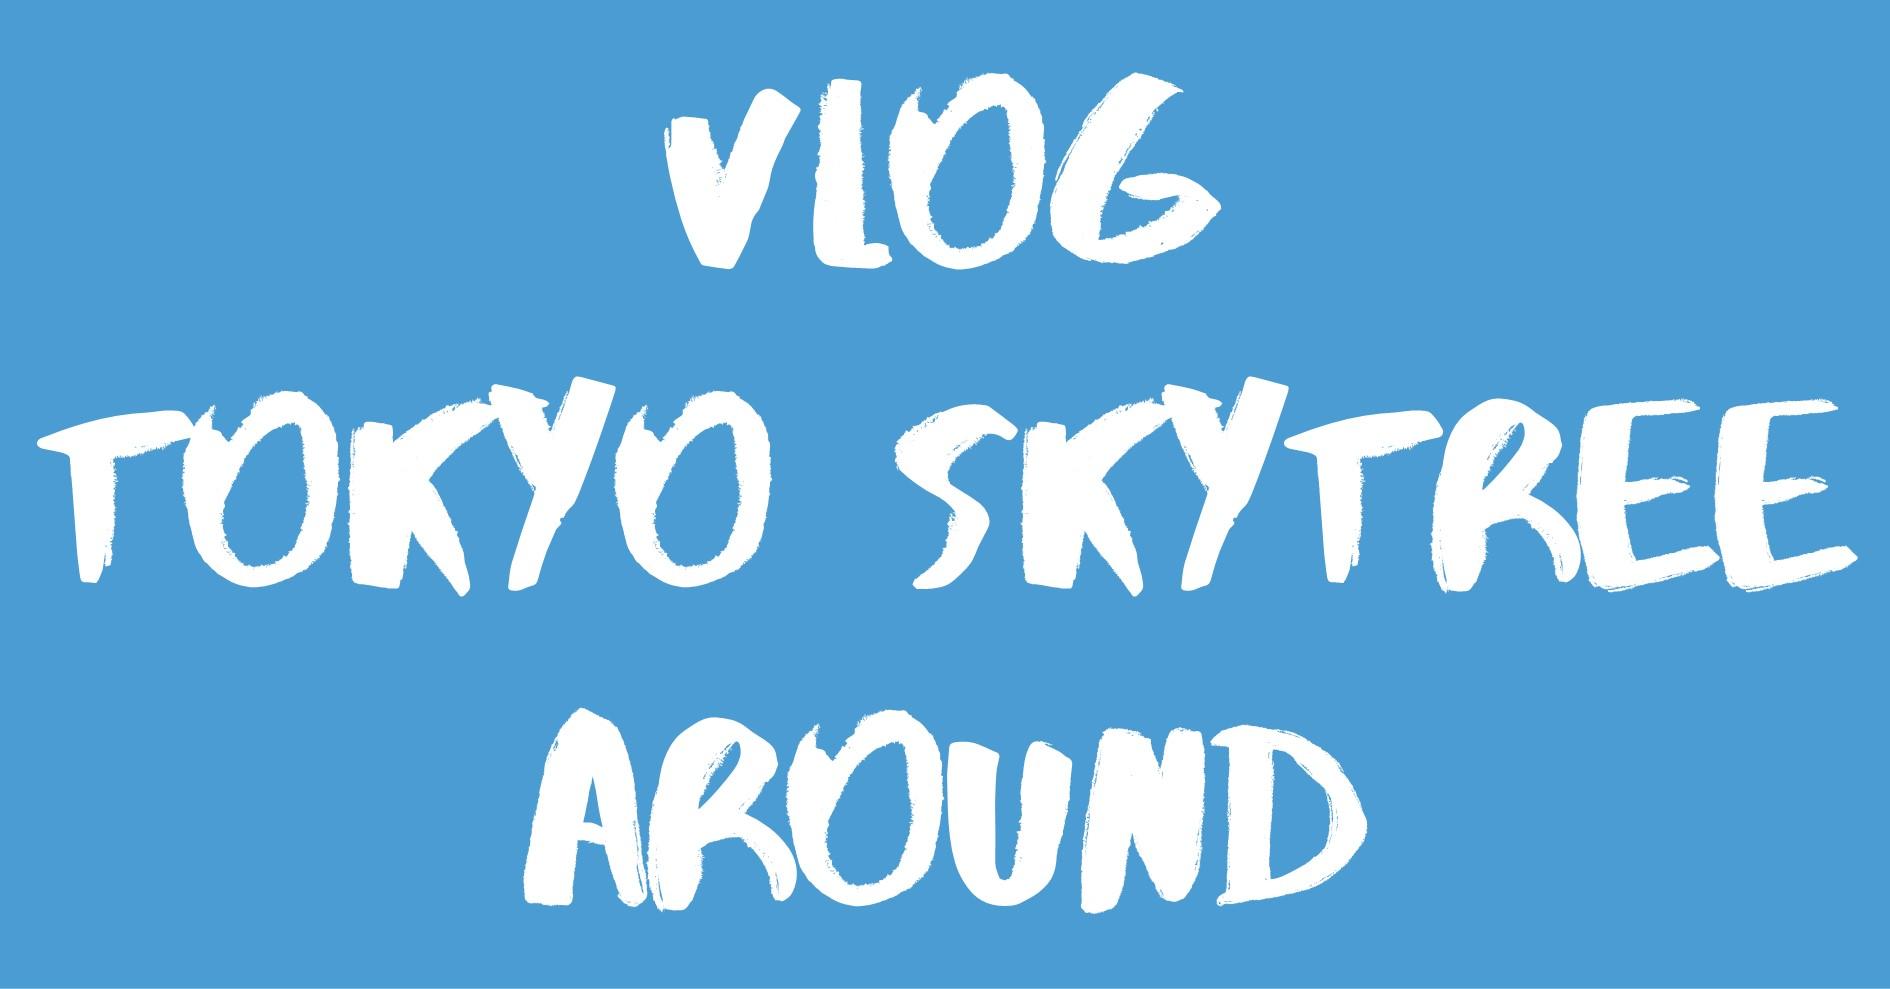 [Vlog] 東京スカイツリー&周辺エリア / TOKYO SKYTREE & Around